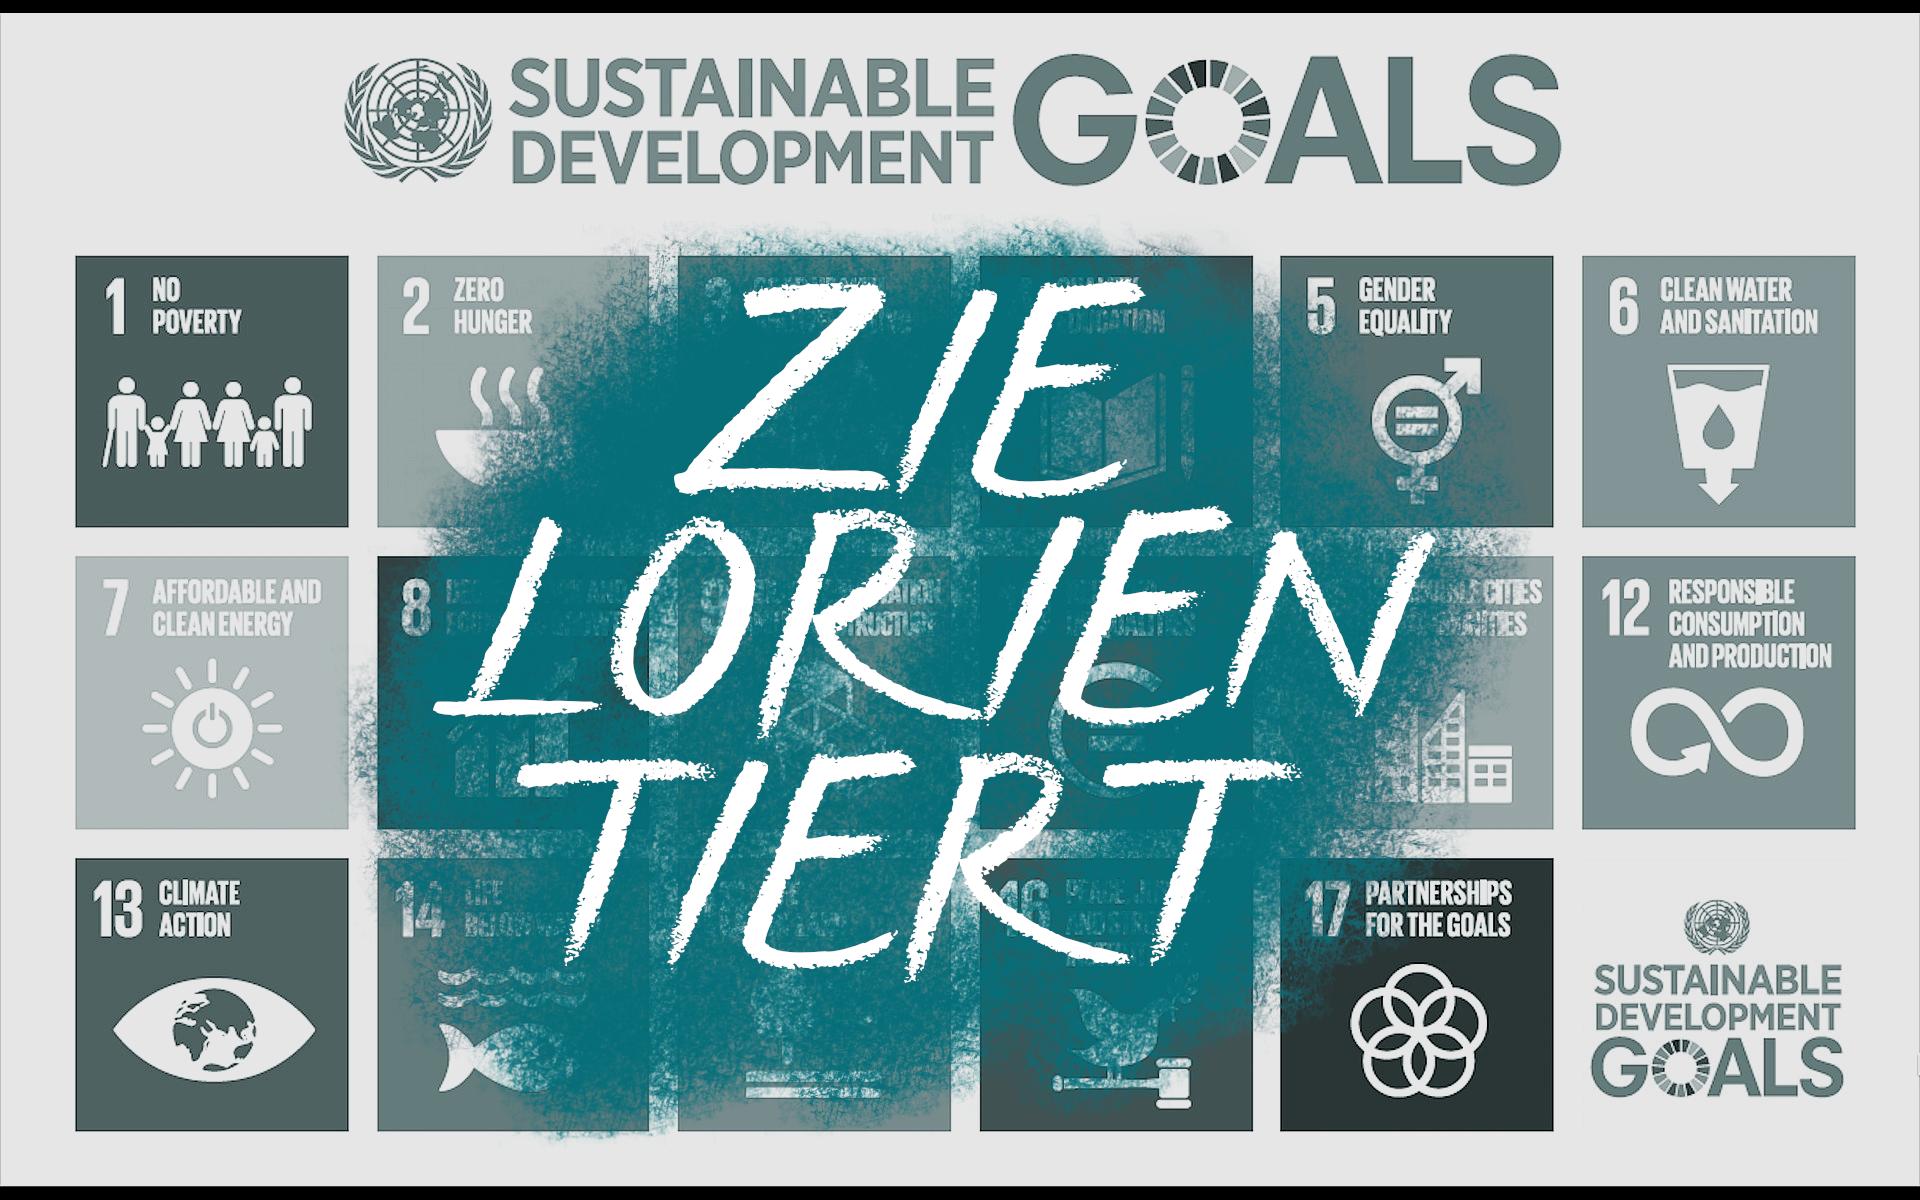 Wozu Taugen Die UN Ziele Der Wirtschaft? (SDGs)